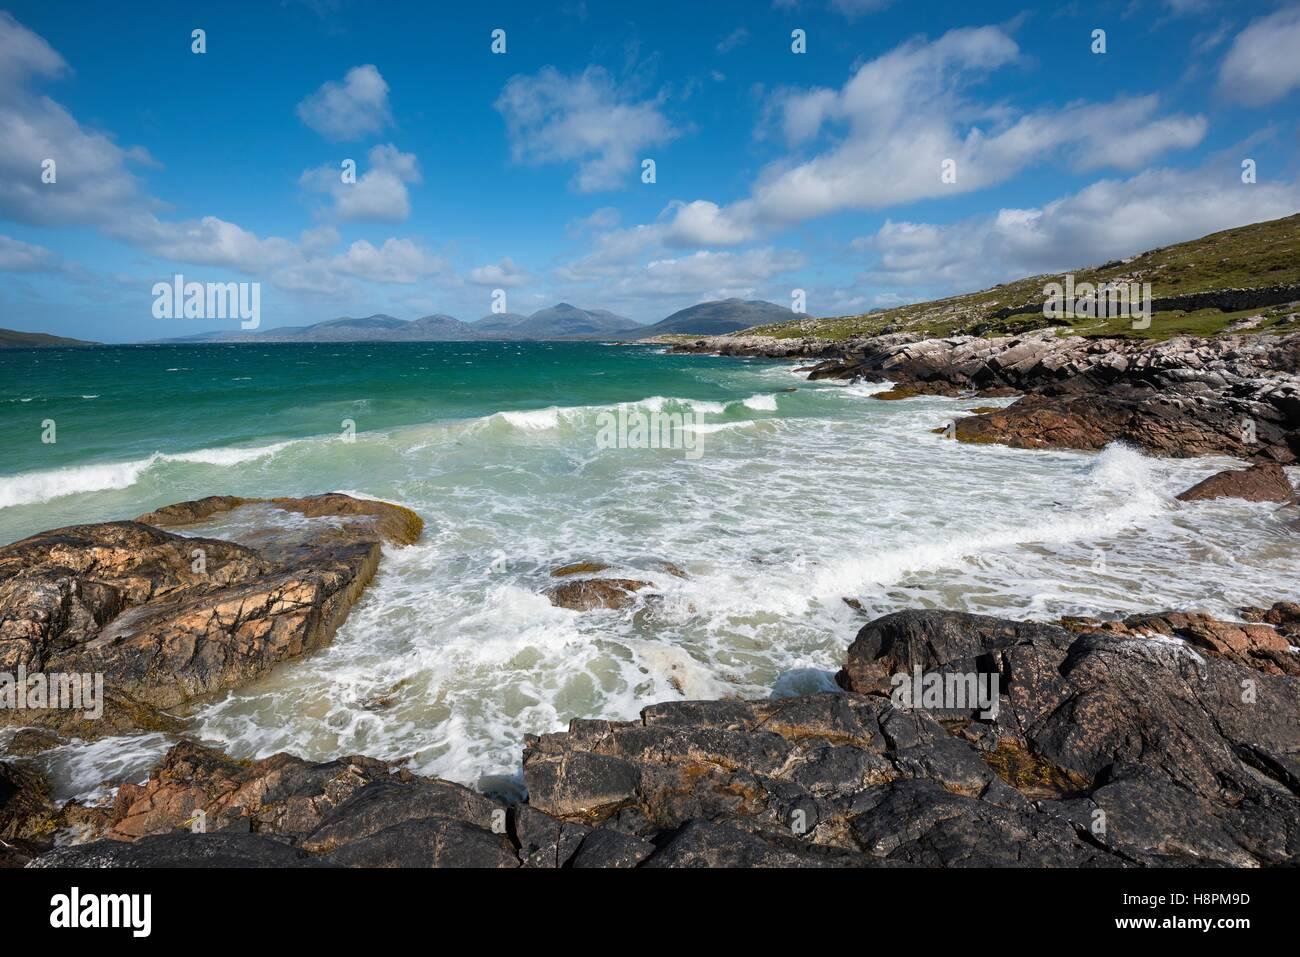 Rocky Coast, Peninsula Luskentyre, Isle of Harris, Outer Hebrides, Scotland, United Kingdom - Stock Image